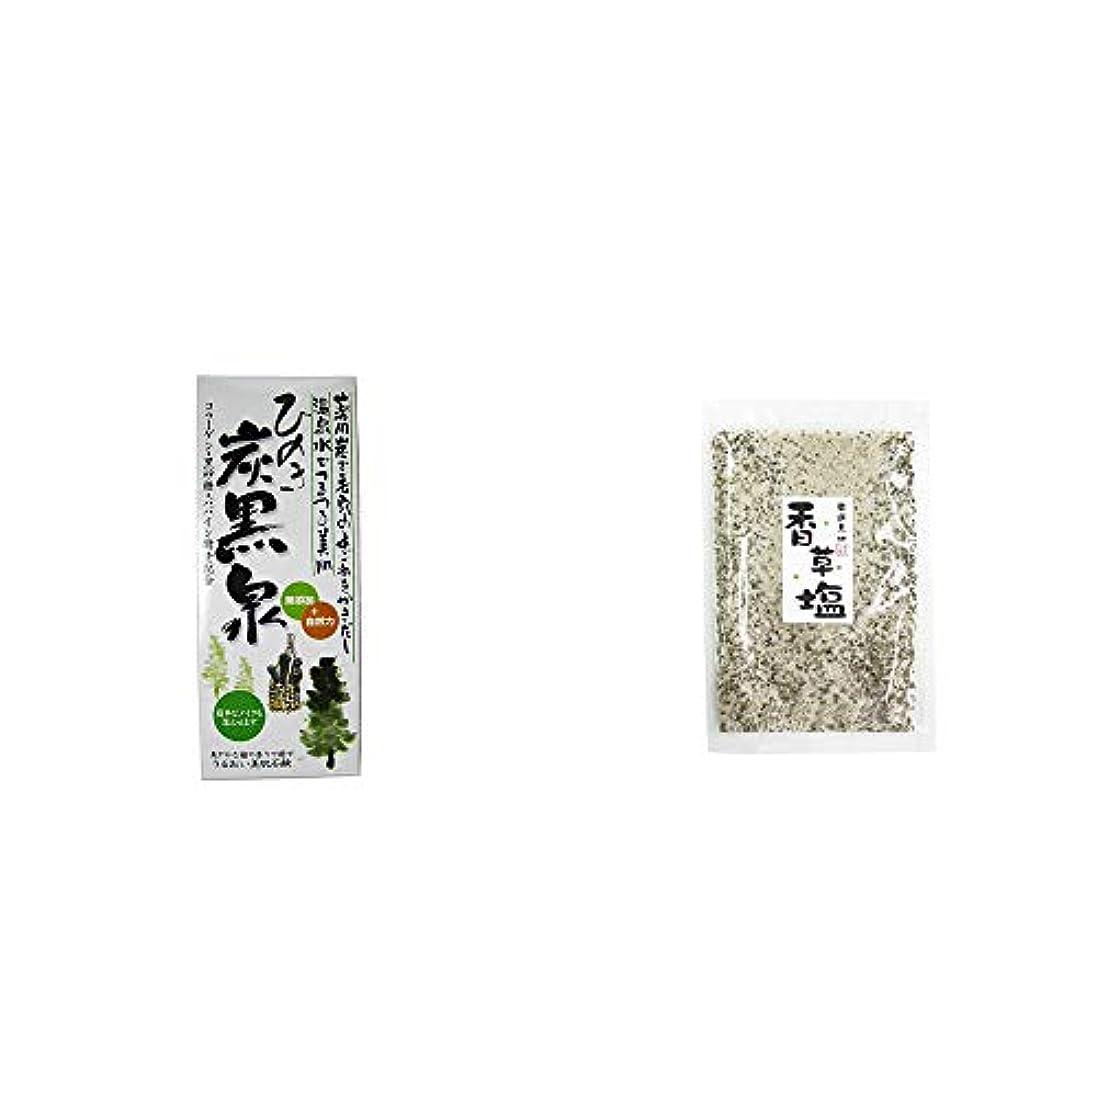 雷雨文明化喪[2点セット] ひのき炭黒泉 箱入り(75g×3)?香草塩 [袋タイプ](100g)